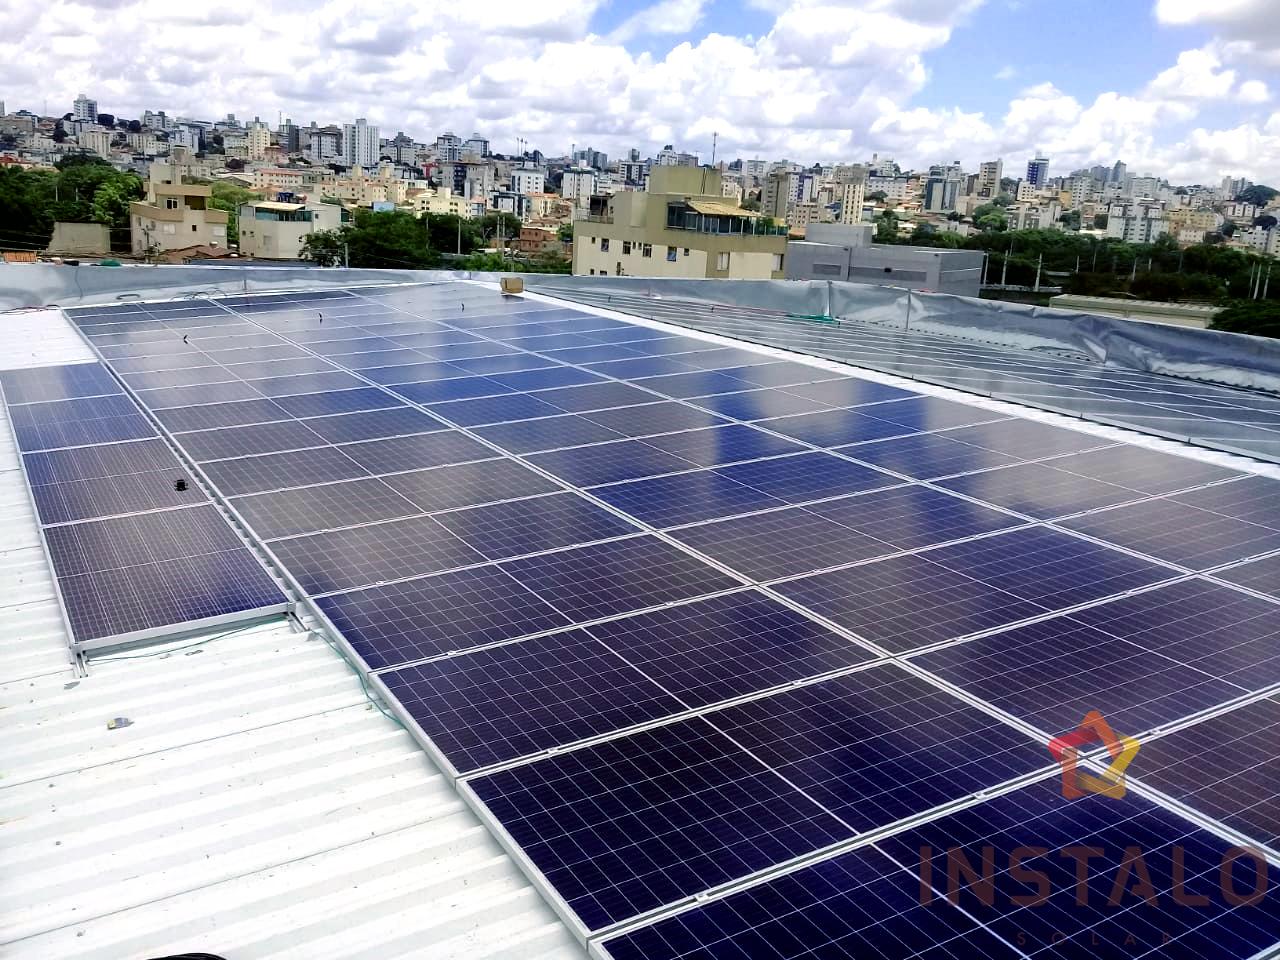 Energia Solar Curitiba - Instalação em Belo horizonte